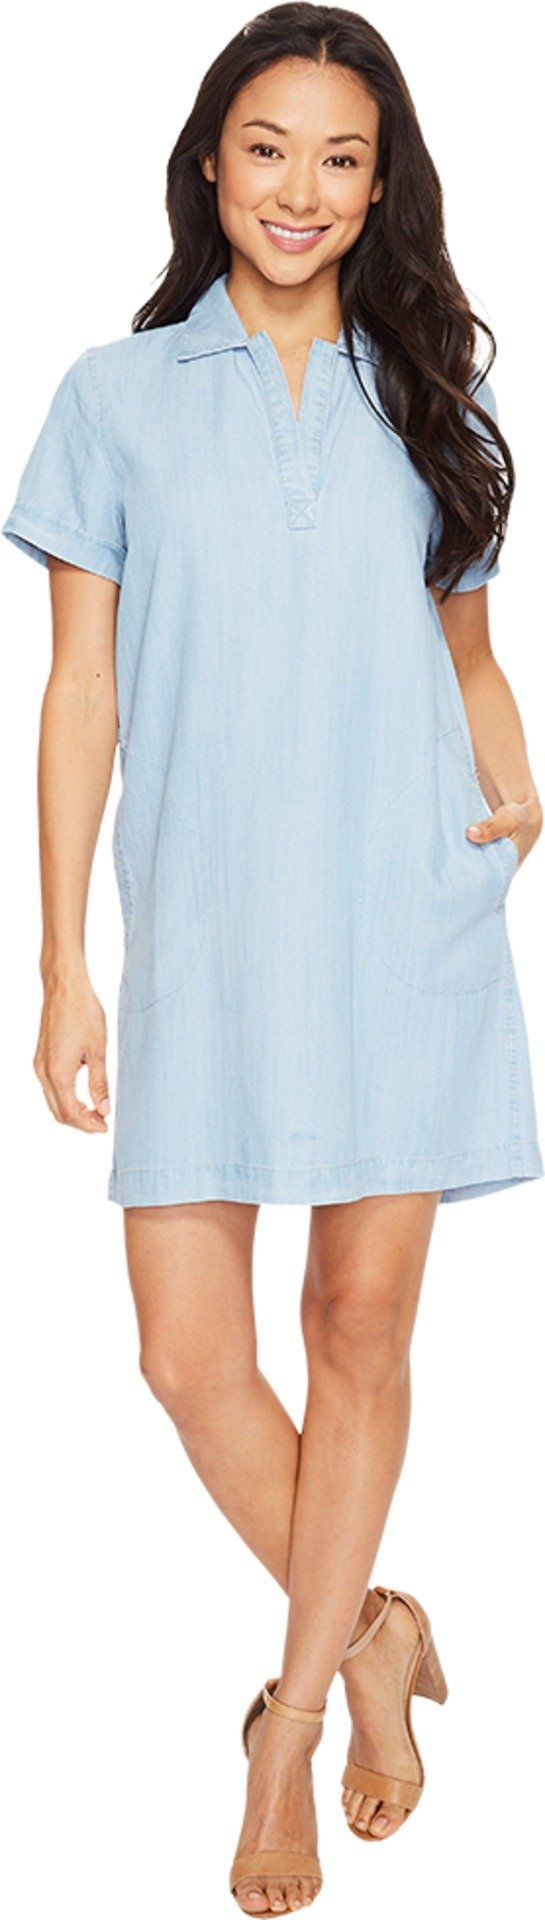 Lilla P Women's Shirtdress Light Chambray Dress